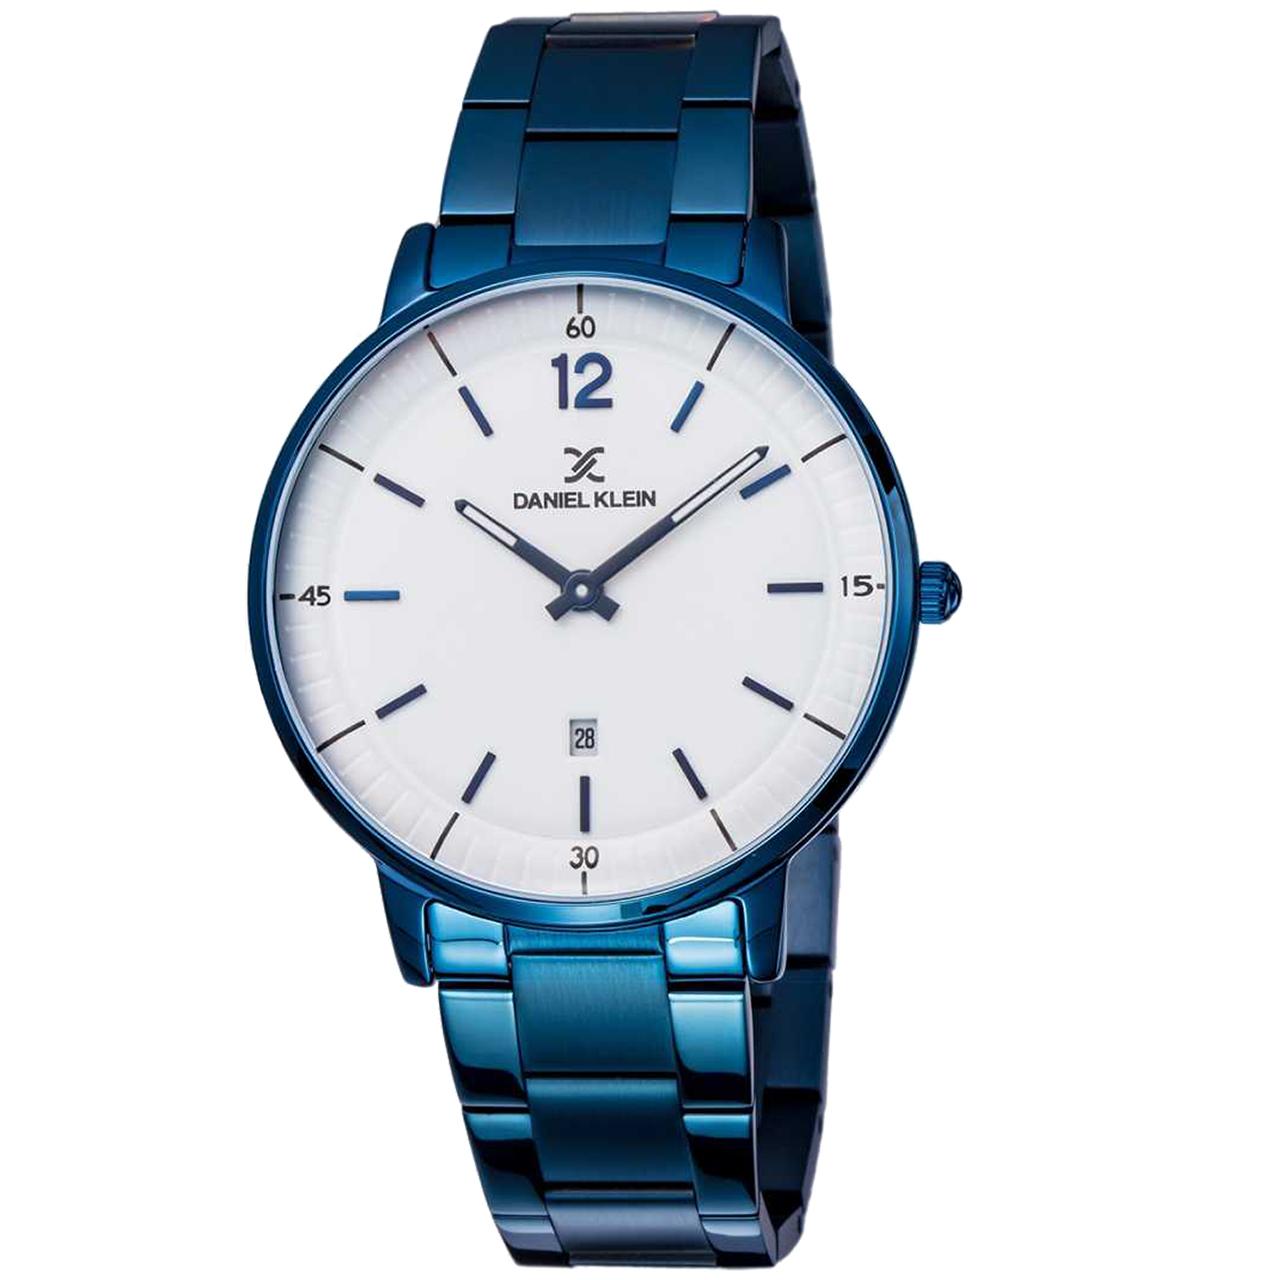 ساعت مچی عقربه ای مردانه دنیل کلین مدل Fiord DK11831-5